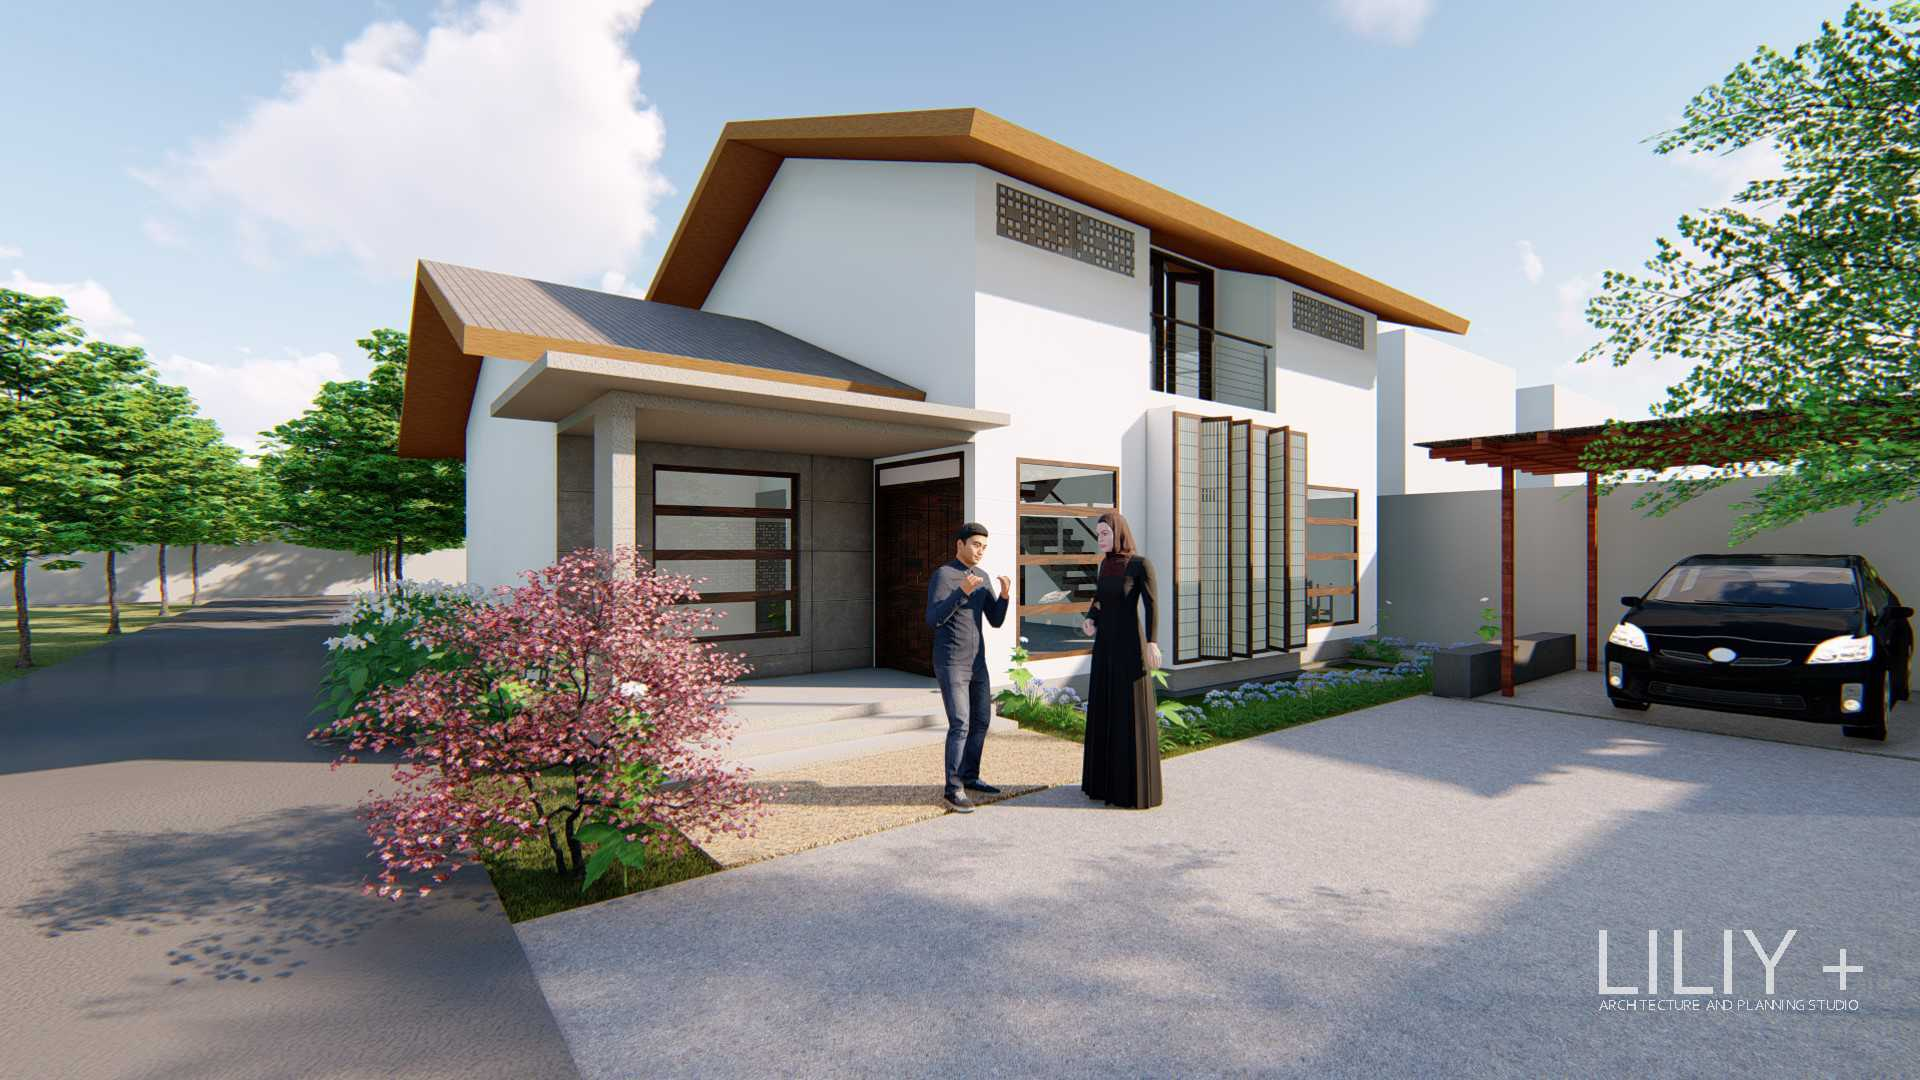 Rahmat Holiliy  Iw House Pontianak, Kota Pontianak, Kalimantan Barat, Indonesia Pontianak, Kota Pontianak, Kalimantan Barat, Indonesia Rahmat-Holiliy-Iwans-House   57541